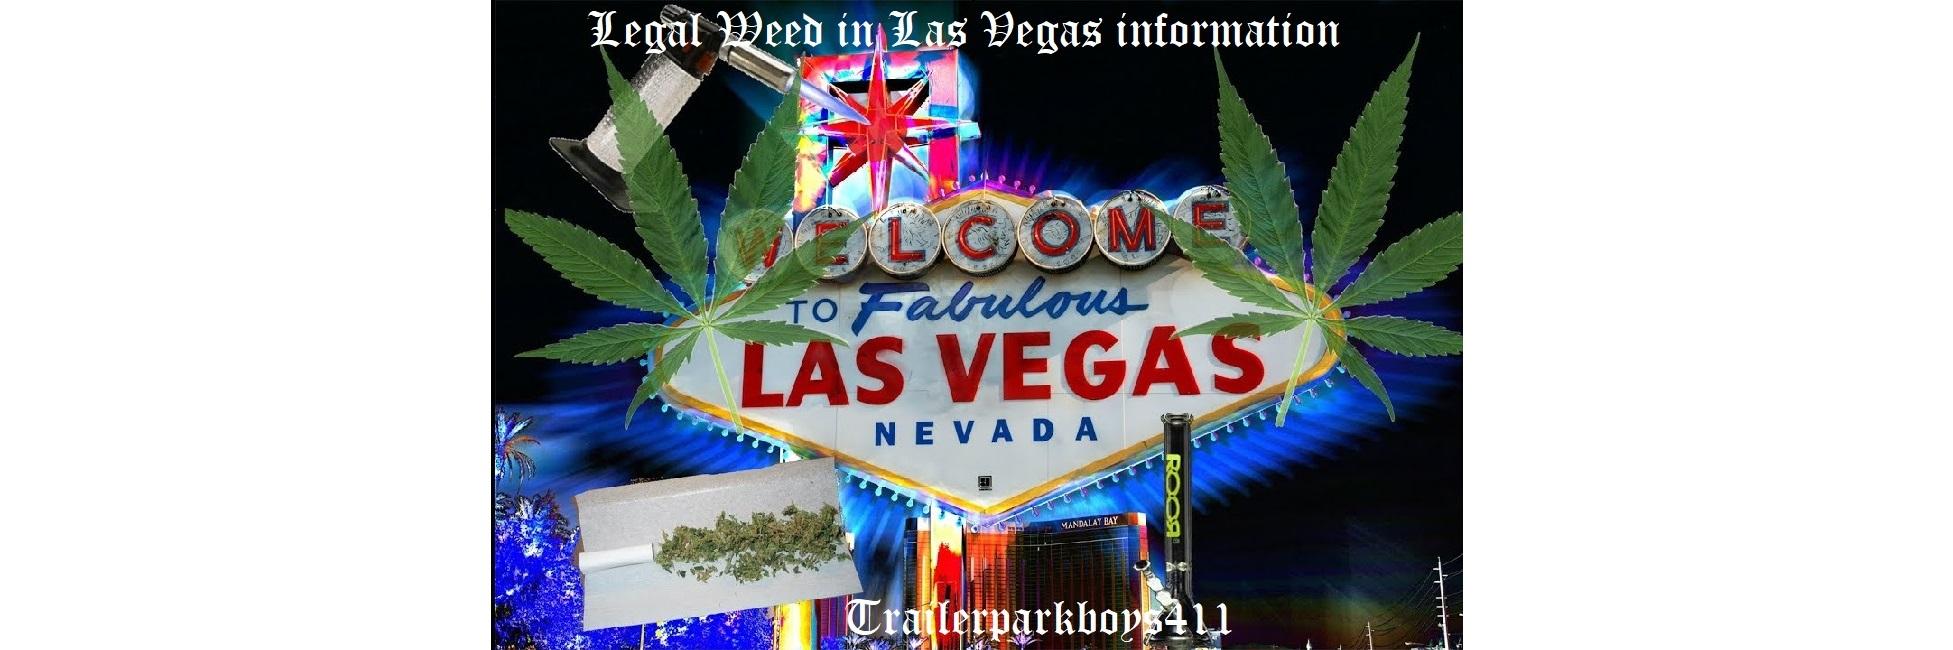 Legal Weed in Las Vegas information